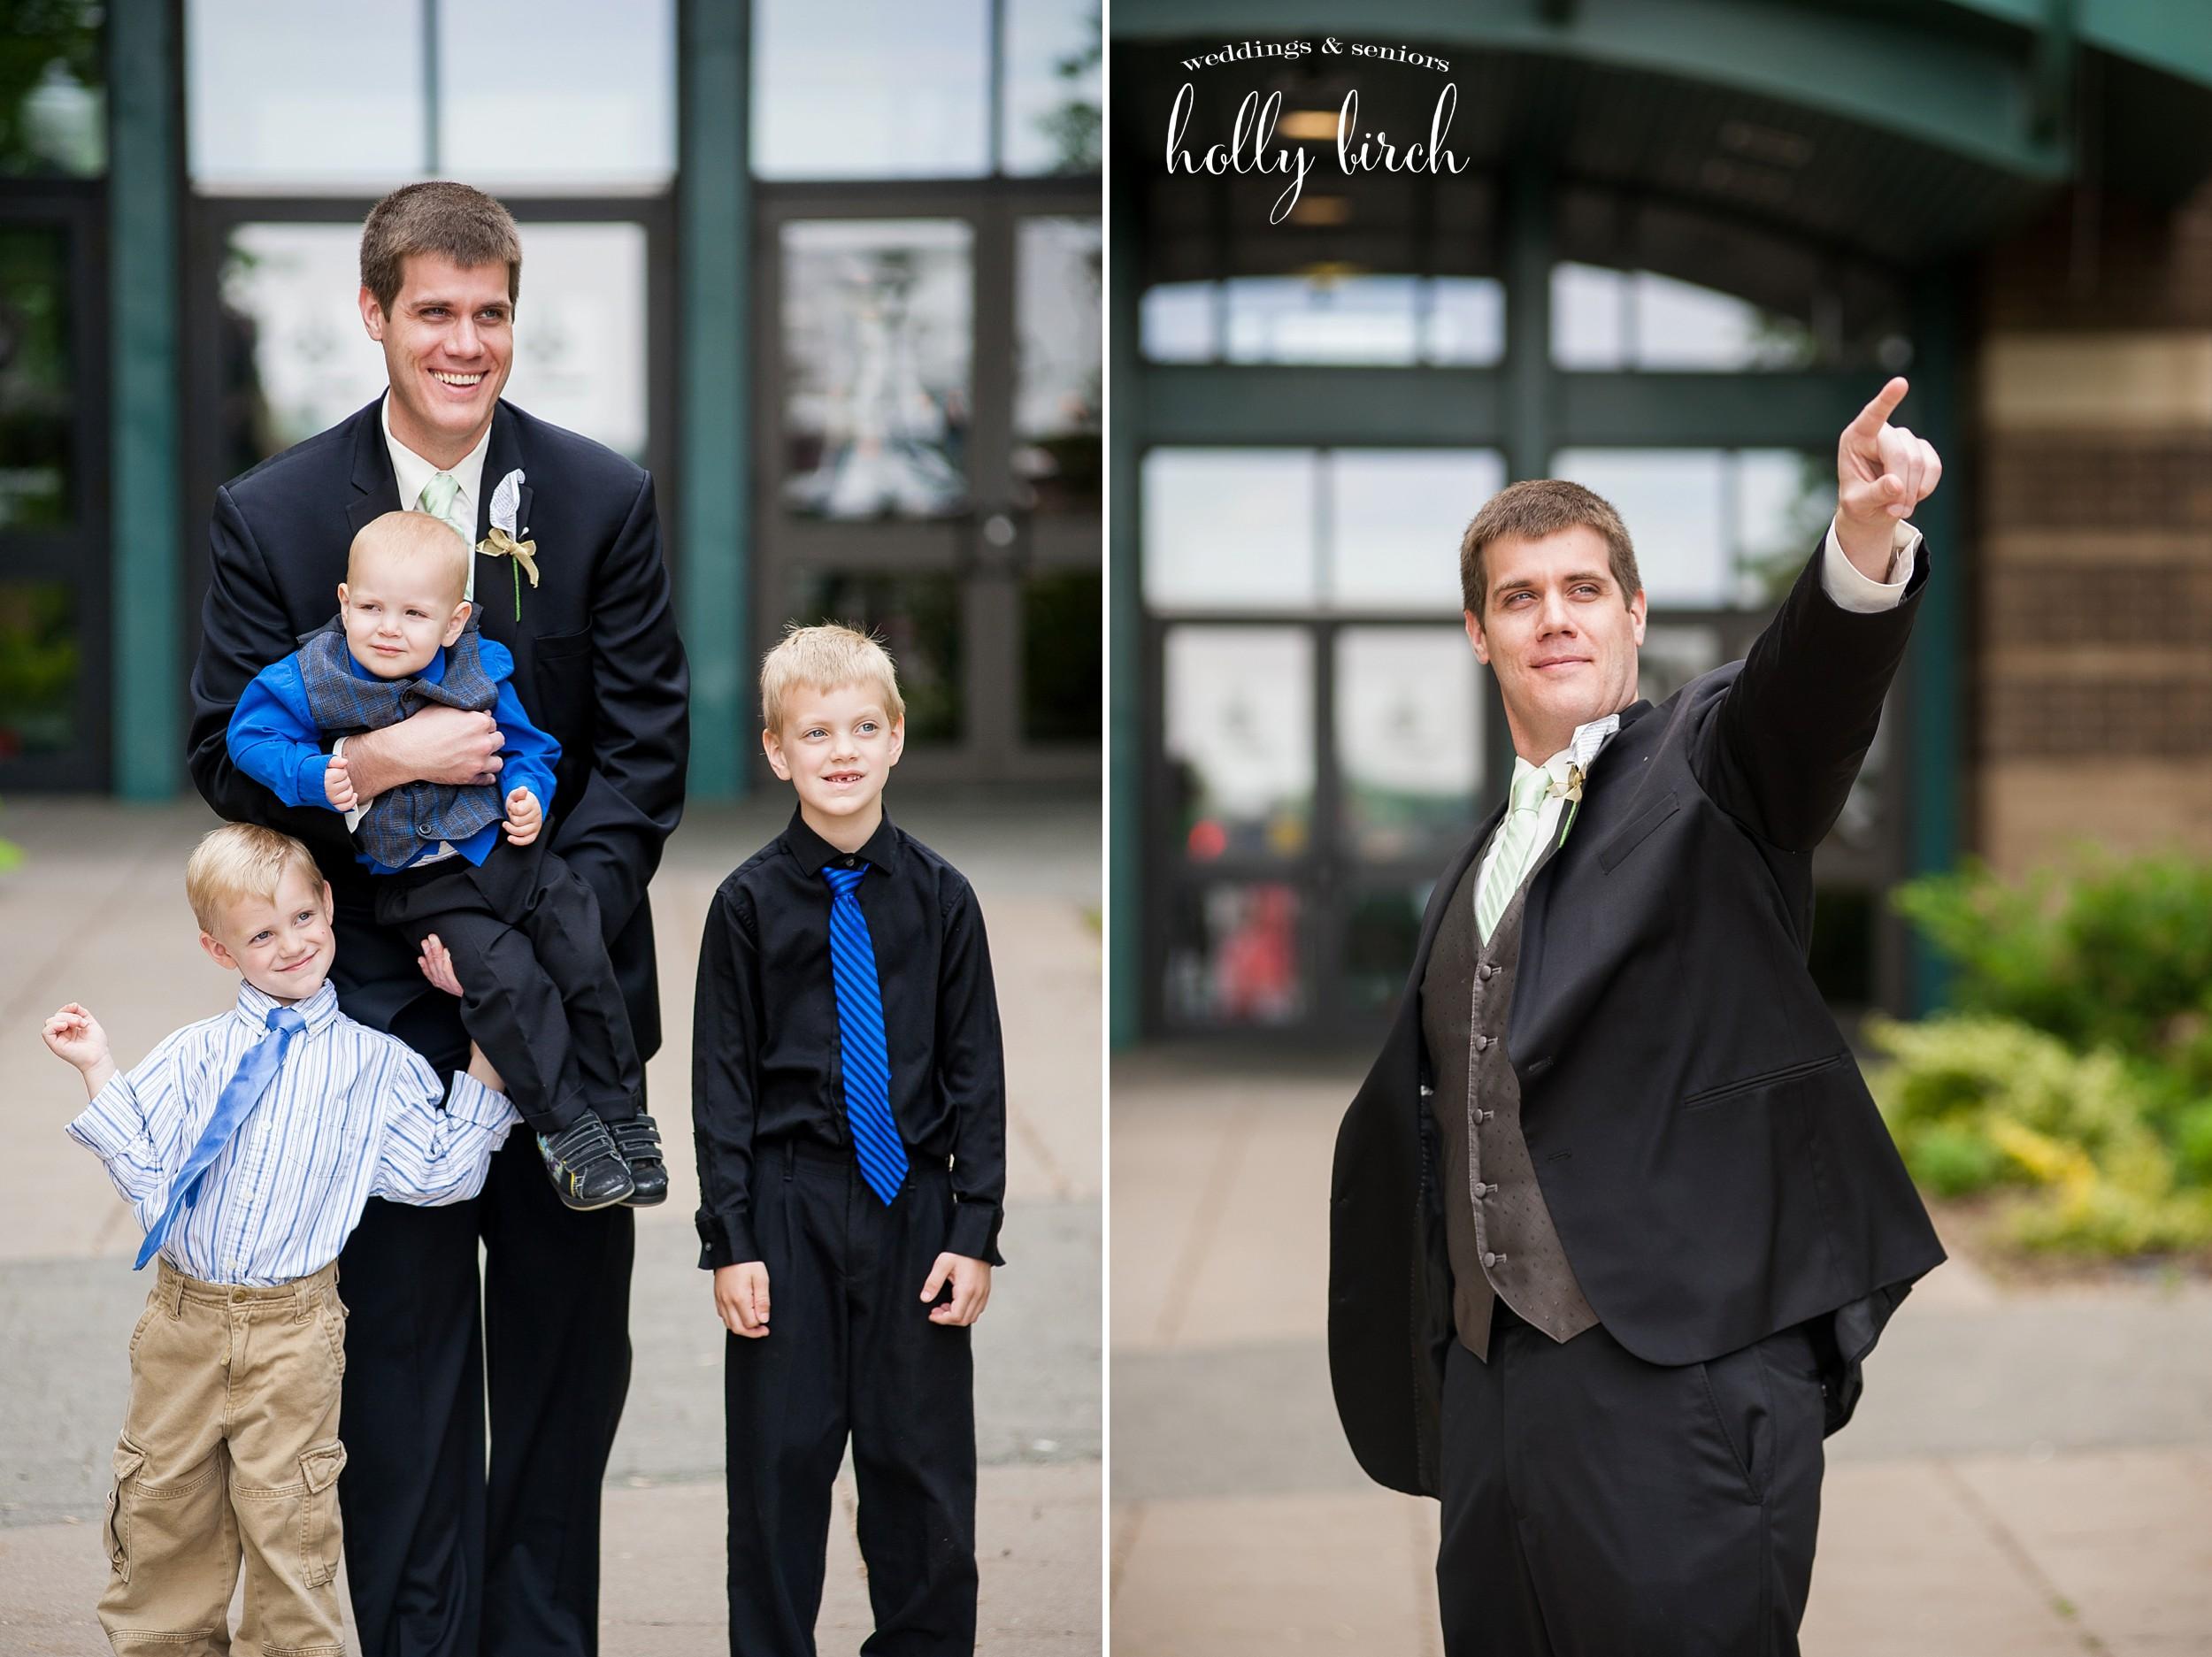 groom superhero pose and with nephews